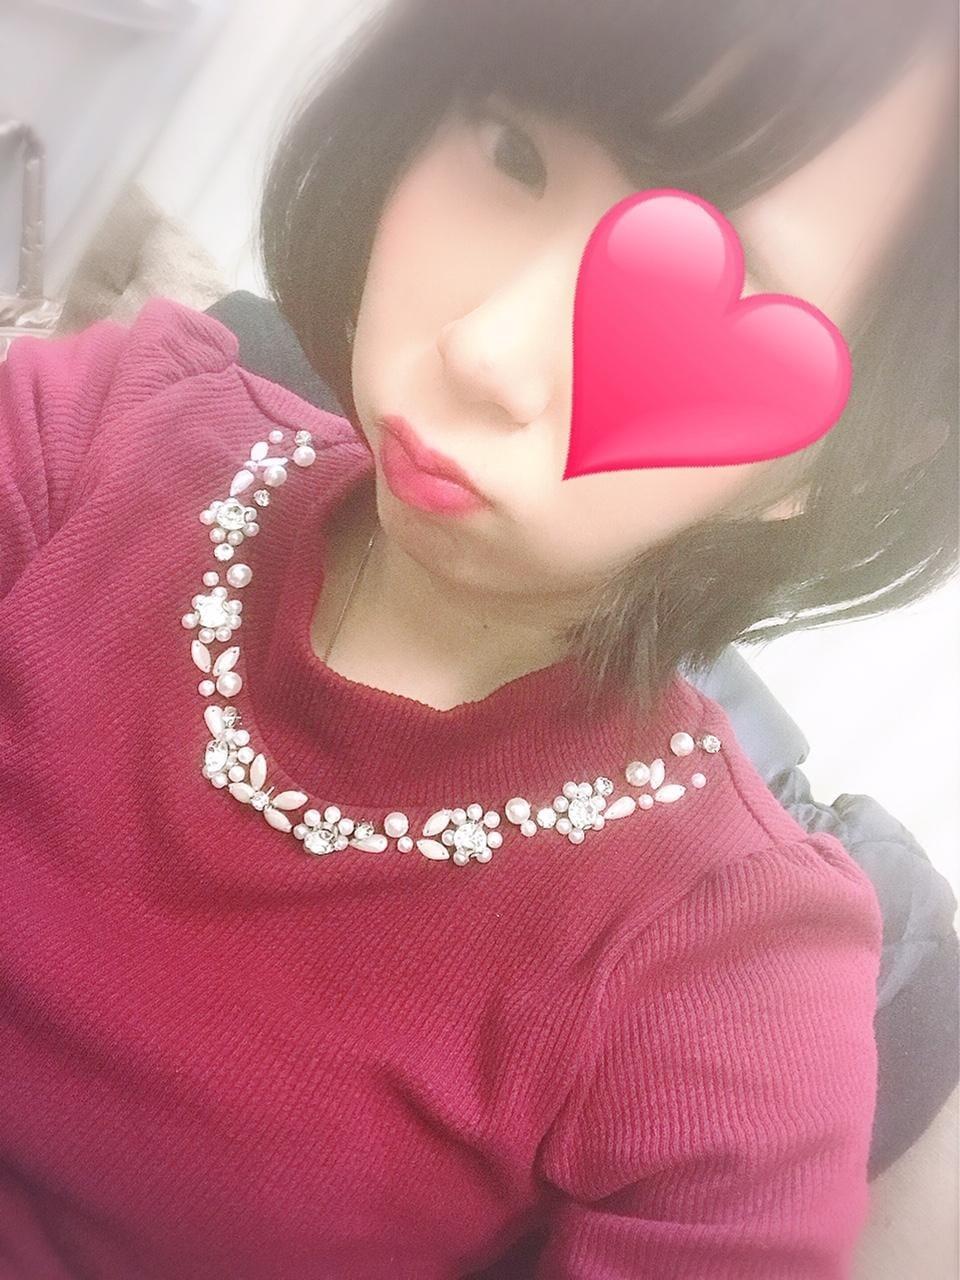 「ありがとう♡」12/10(月) 22:55 | うたの写メ・風俗動画